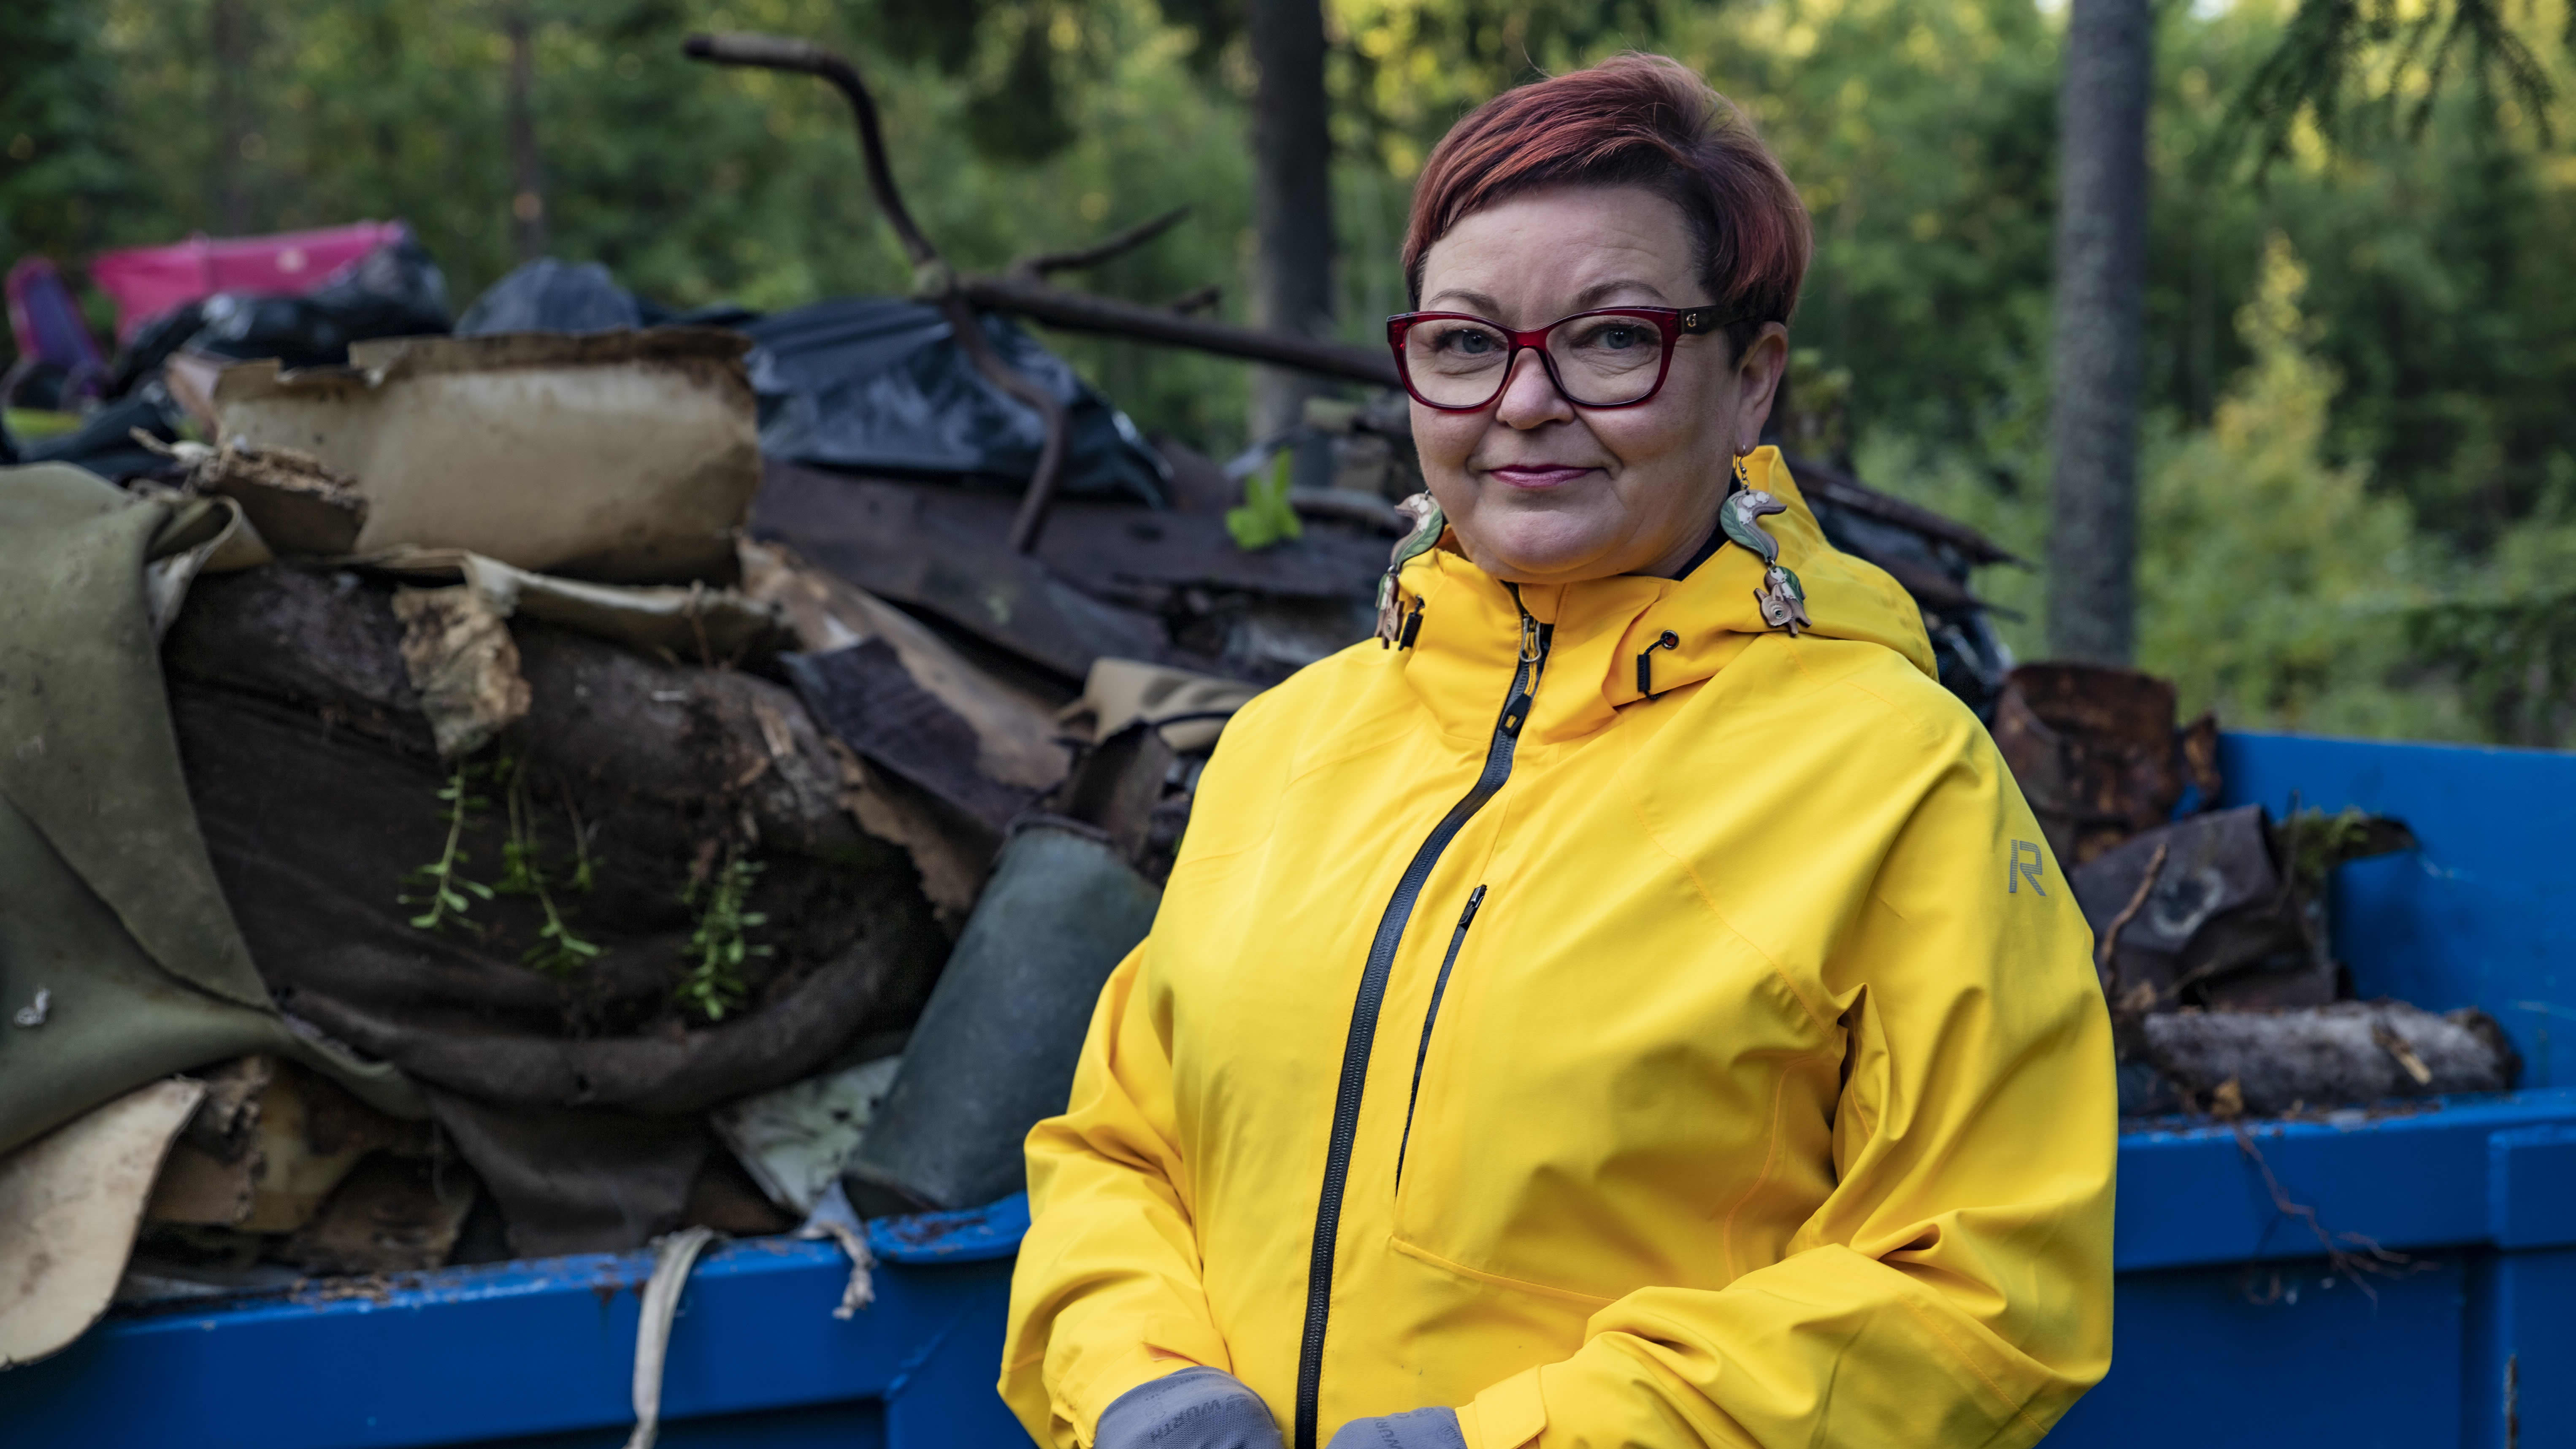 Talkoolaiset siivosivat laittoman kaatopaikan Kemissä Elijärvellä